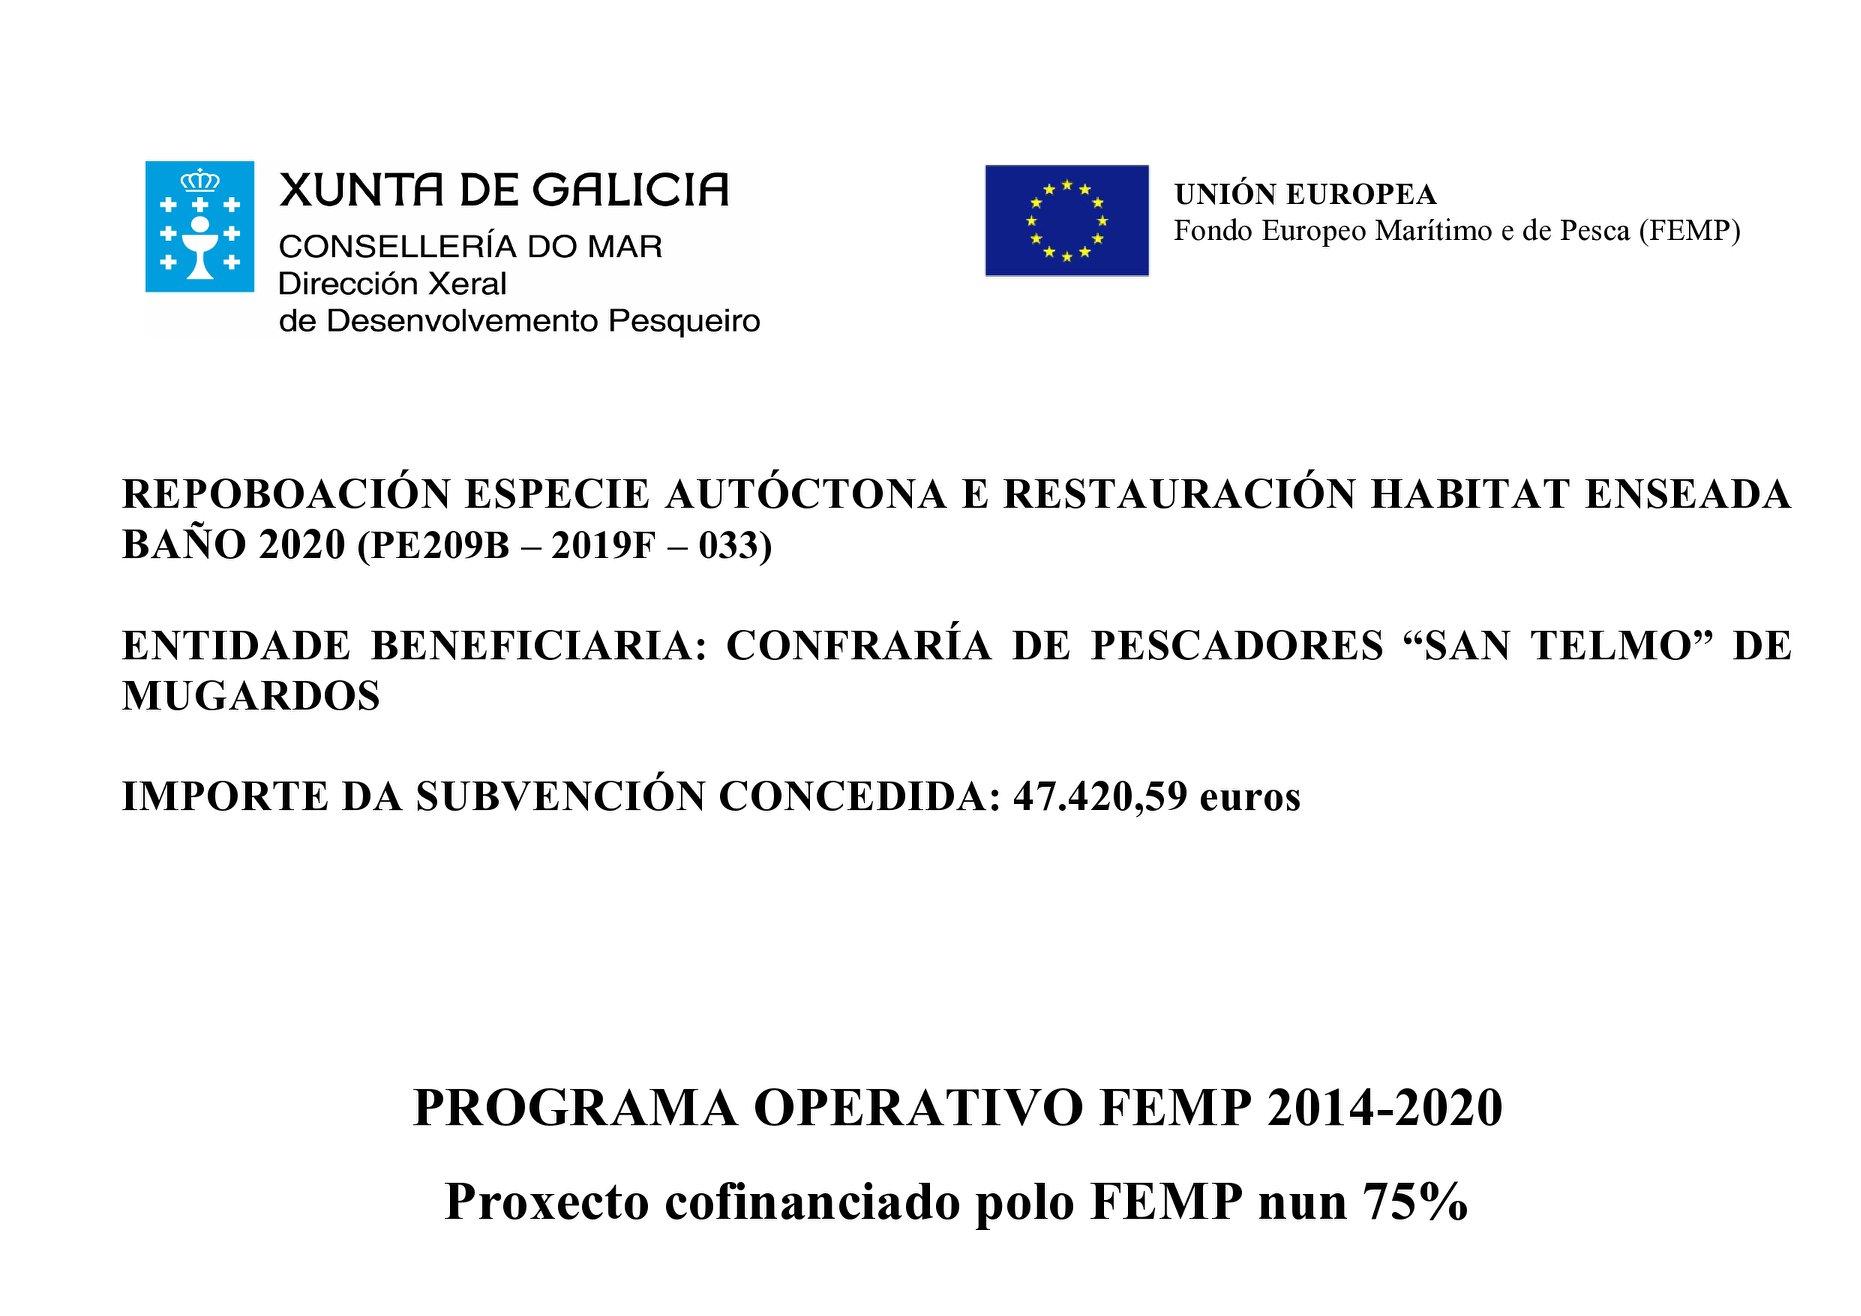 A Confraría de Mugardos resultou adxudicataria dunha subvención da Consellería do Mar, por importe de 47.420,59 €, para repoboación de especie autóctona e restauración habitat enseada de O Baño no ano 2020